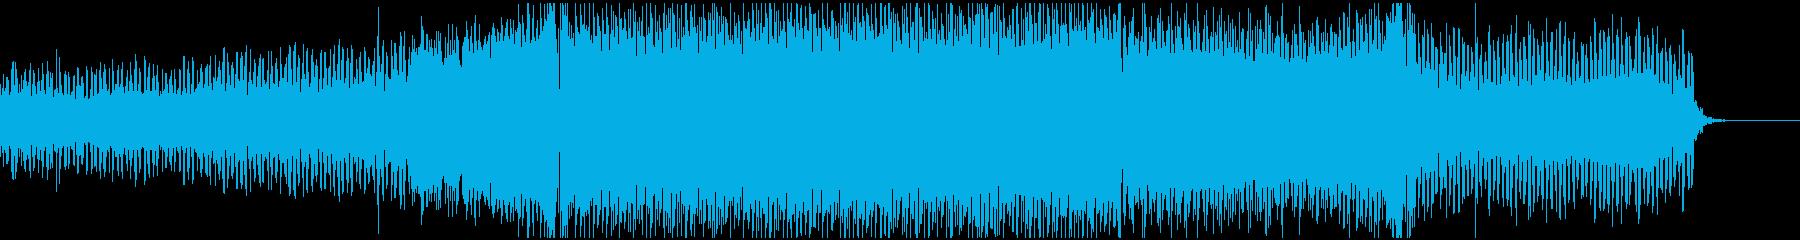 懐かしい雰囲気のトランスの再生済みの波形